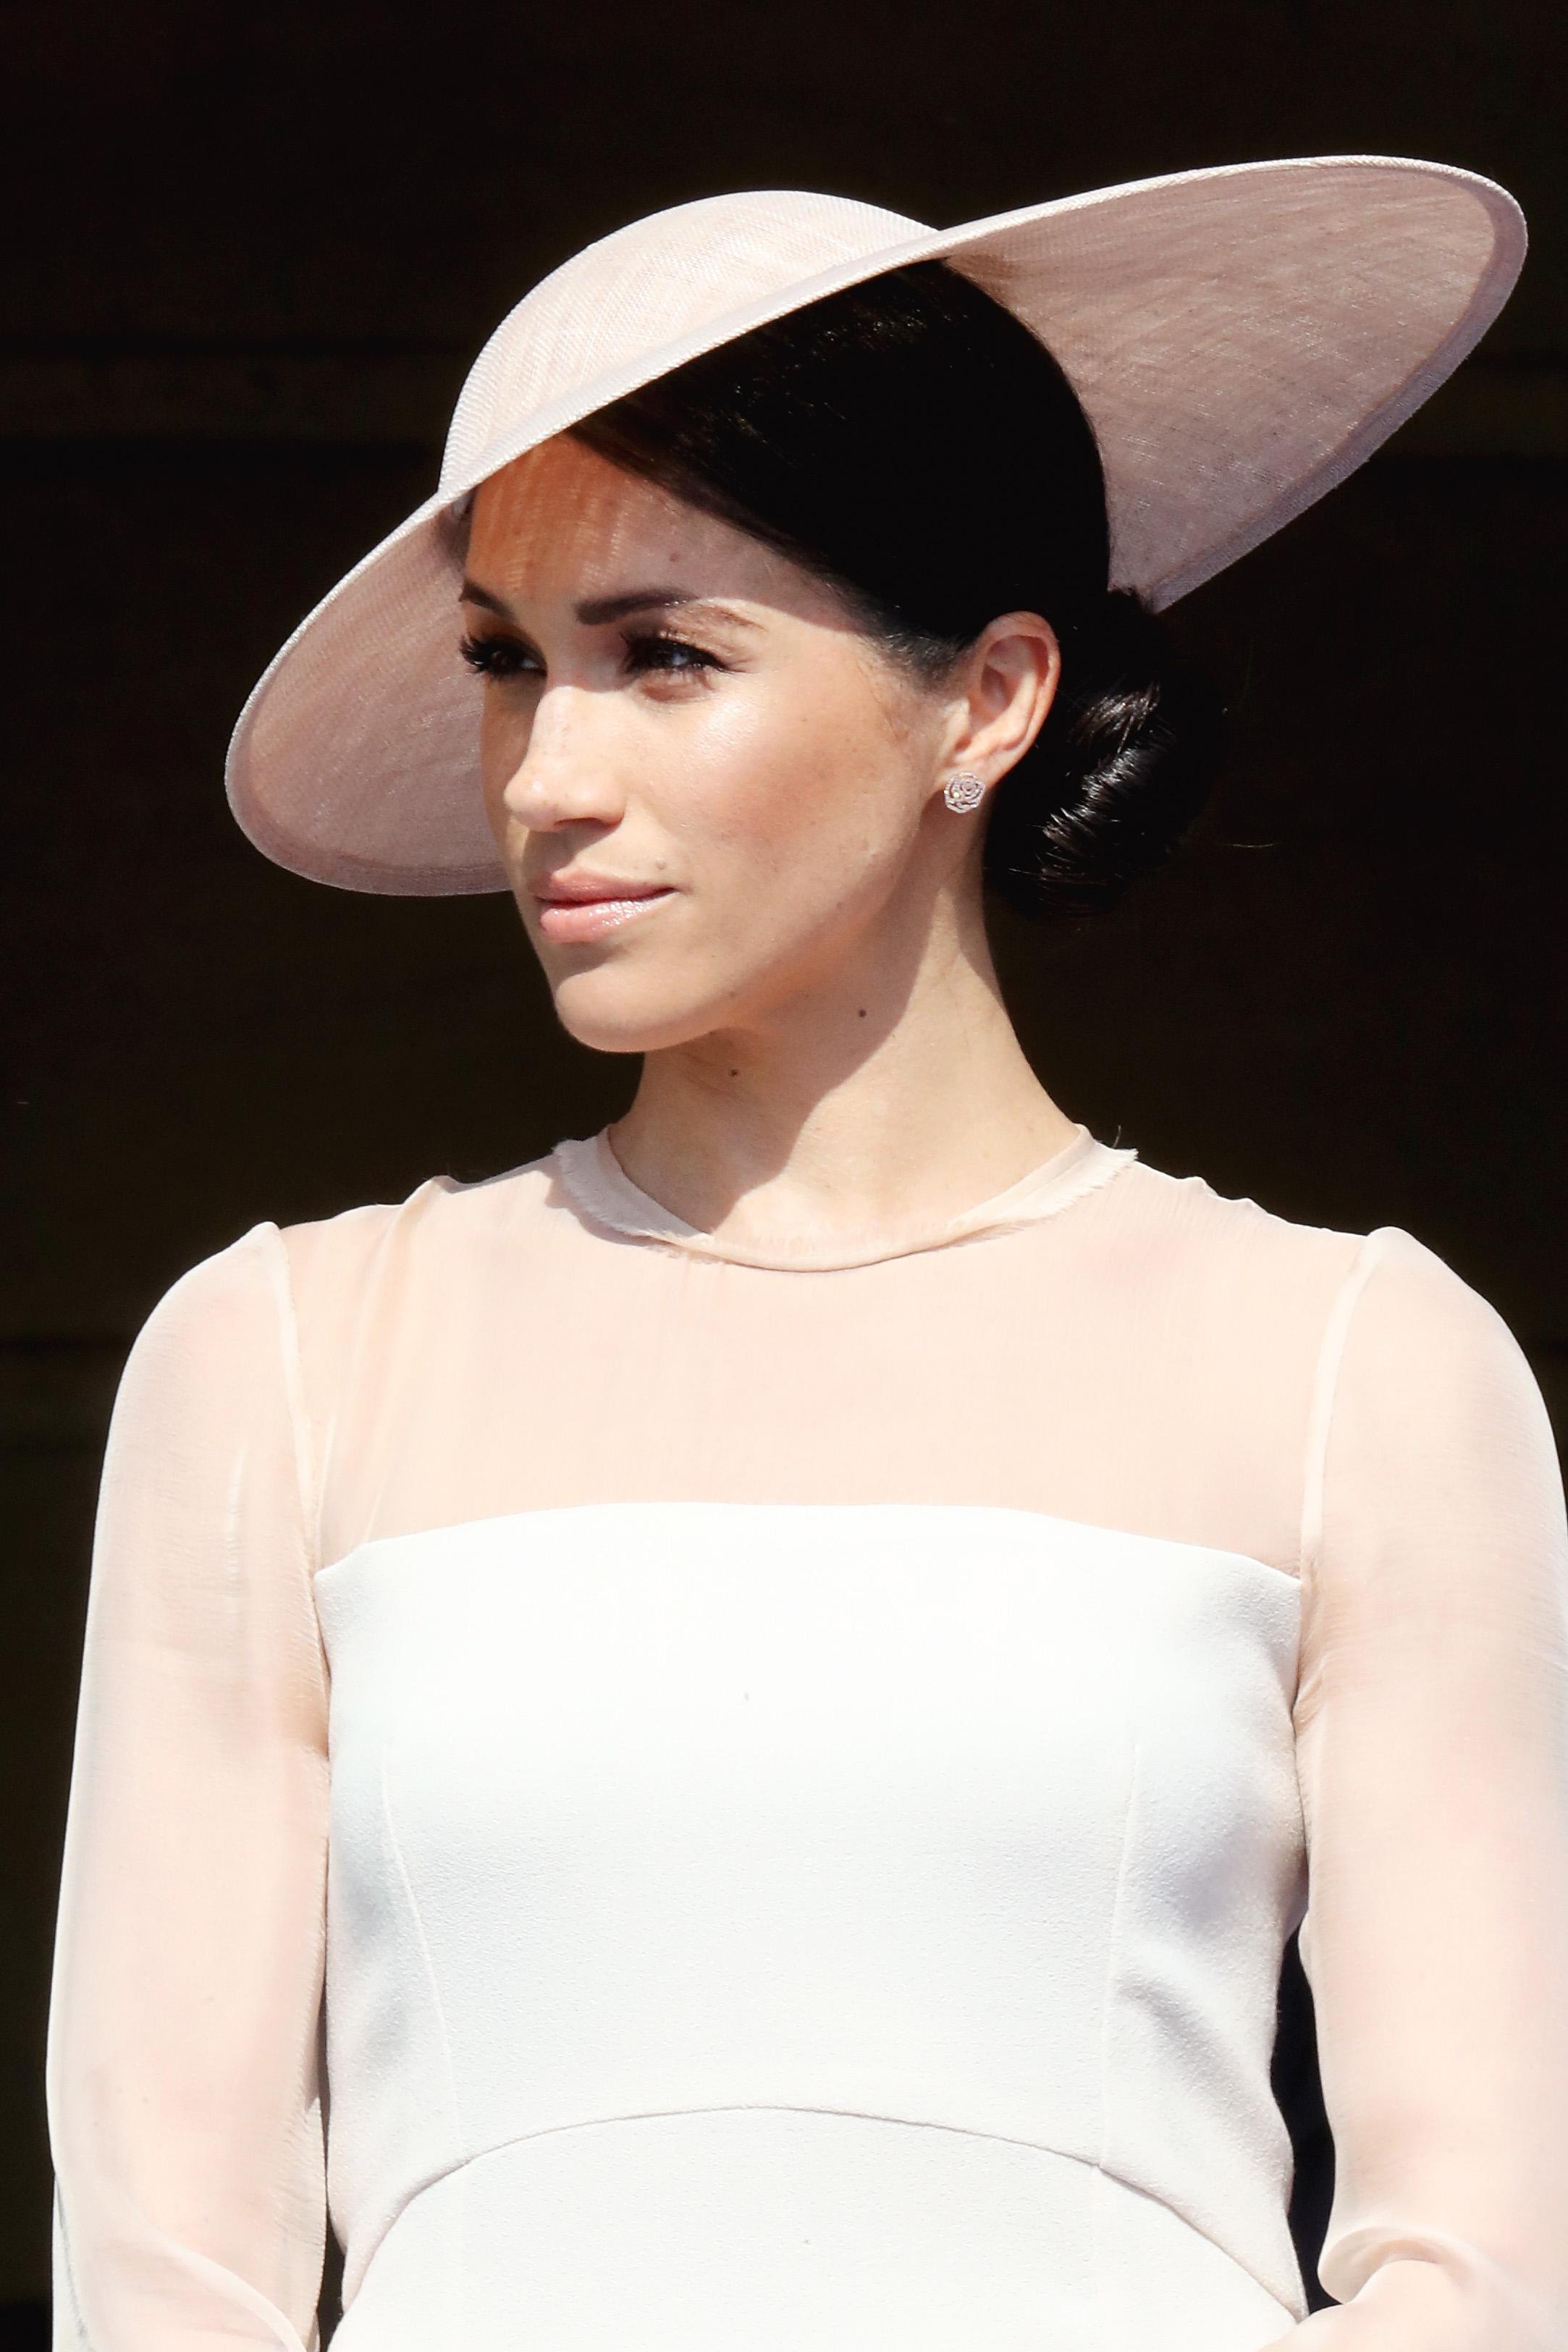 Facebook and any others Както казахме, на Меган вече й се наложи да изтрие профилите си във Facebook, Instagram и други подобни. И както принц Хари, принц Уилям и Катрин ще използва официалният акаунт на кралското семейство, за да споделя ъпдейти около живота и кралските й задължения.